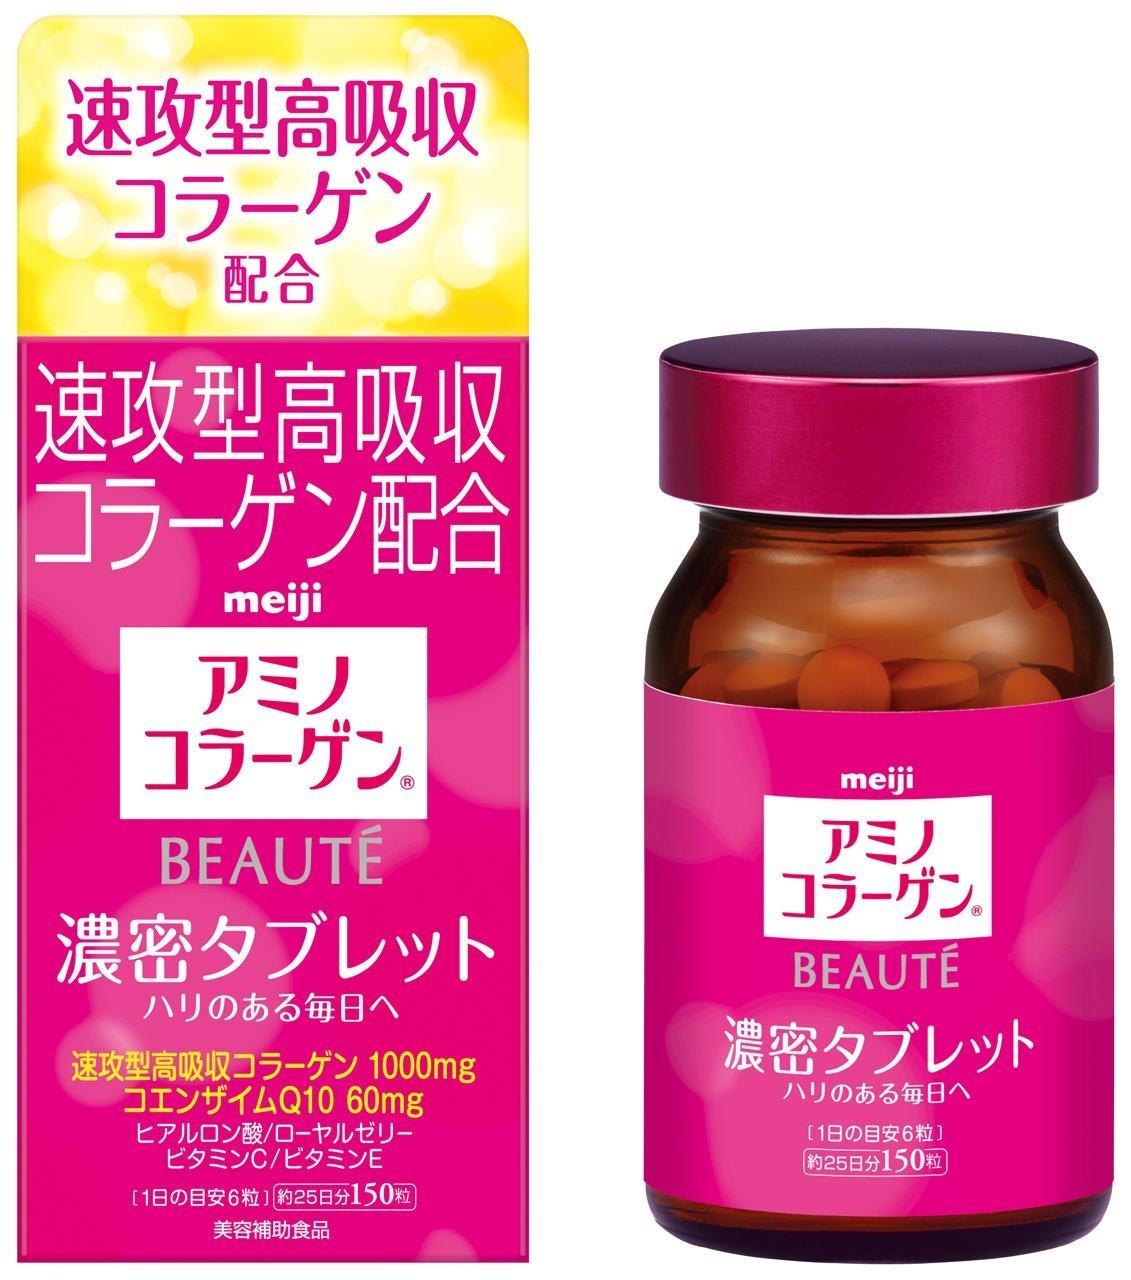 Viên uống đẹp da Meiji The Collagen Beaute - Hộp 150 viên • [1500+] Mỹ Phẩm Nhật Bản Nội Địa Xách Tay Chính Hãng Uy Tín Nhất